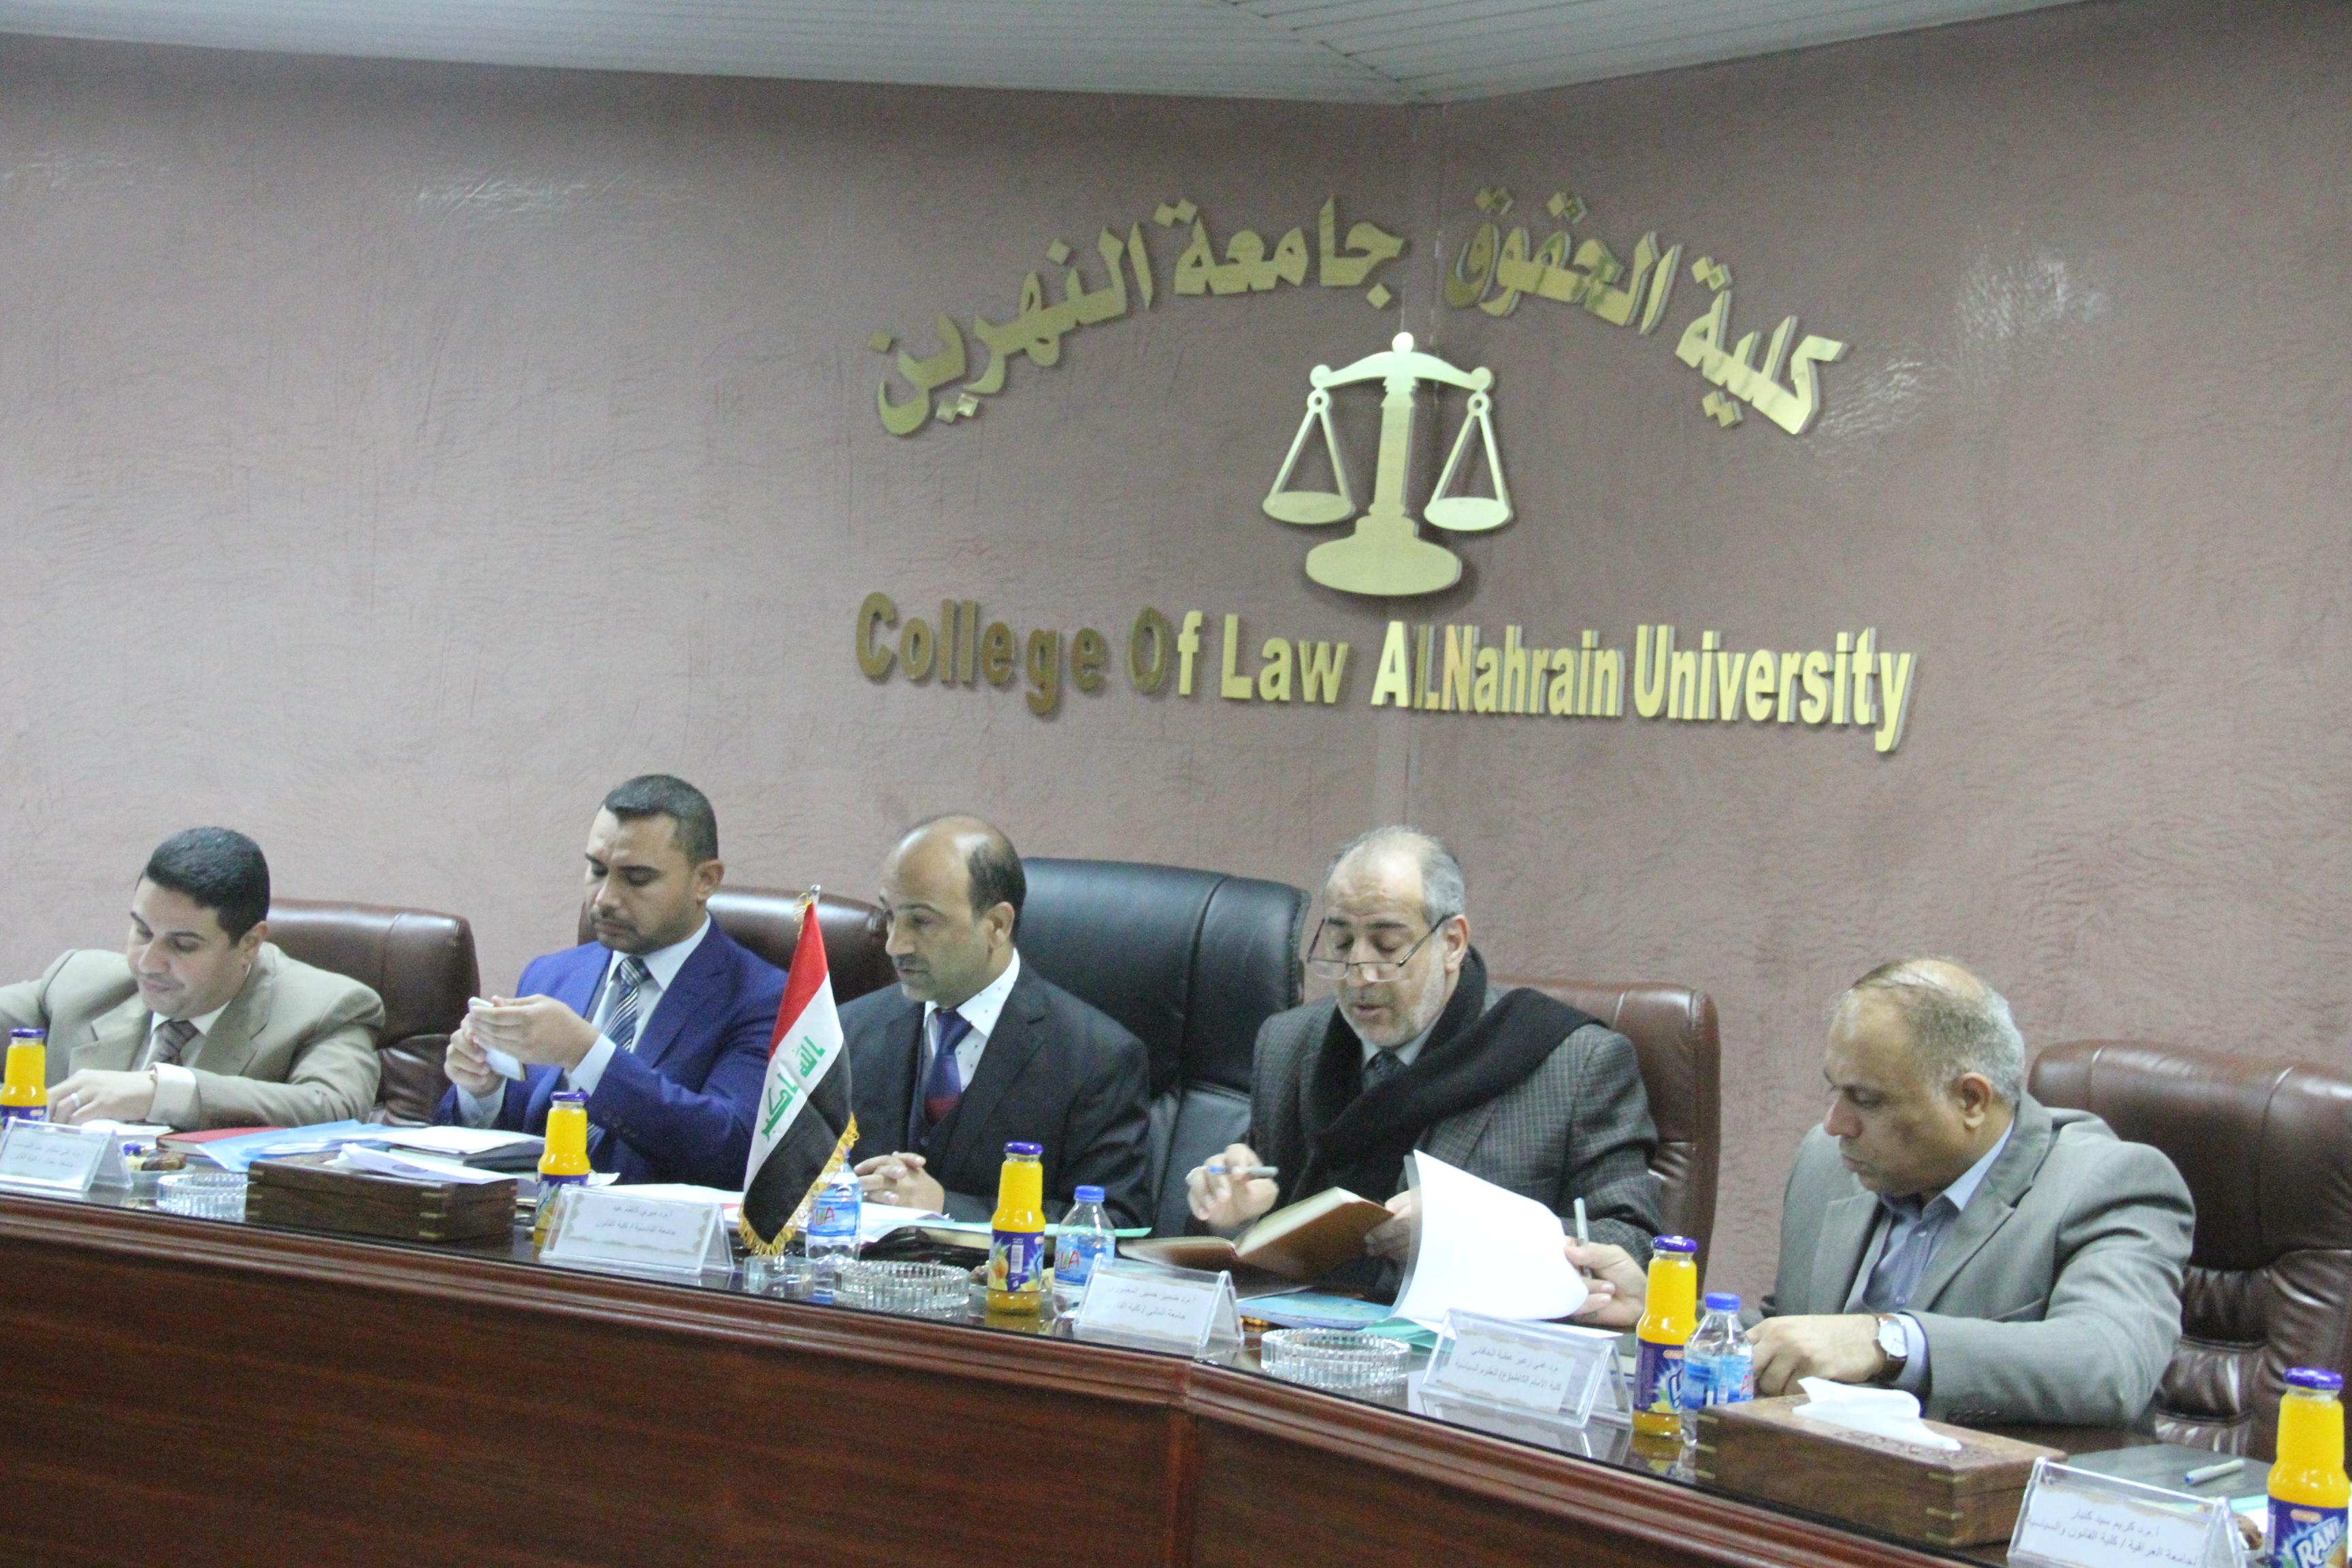 موجز اجتماع لجنة عمداء كليات القانون في العراق(جامعة النهرين )